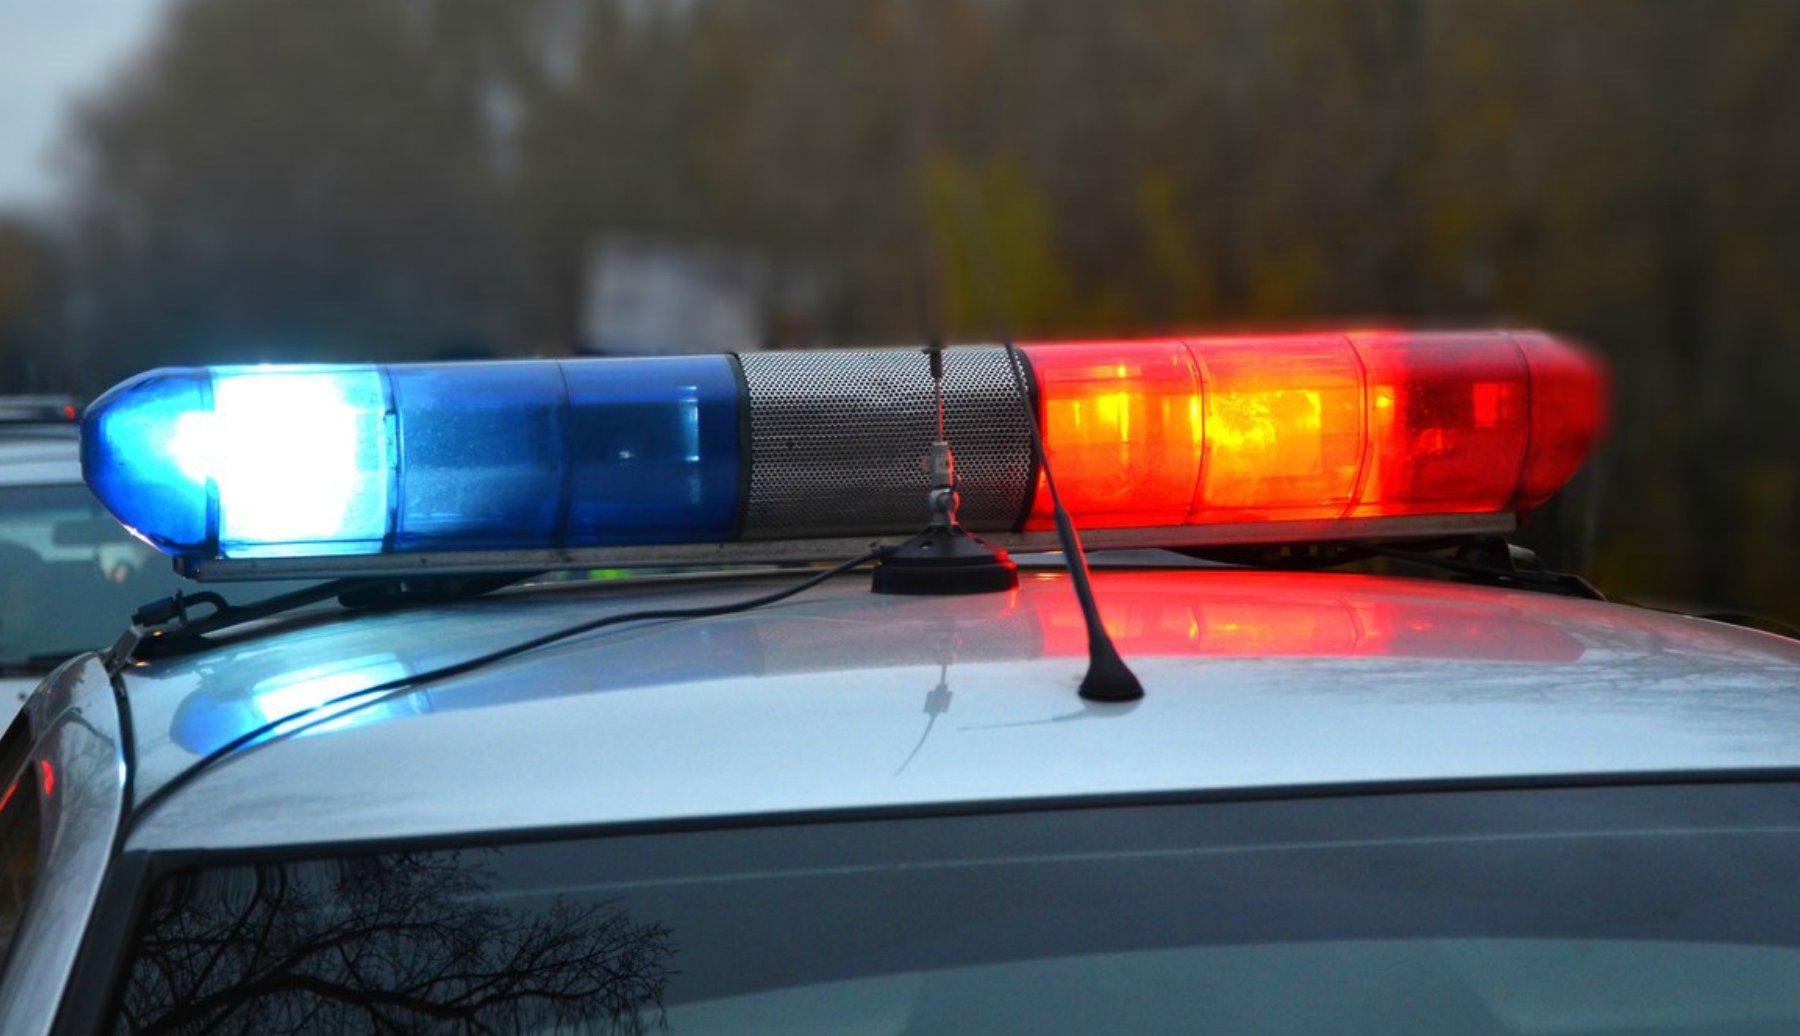 В Тверской области машина протаранила столб, есть пострадавшие